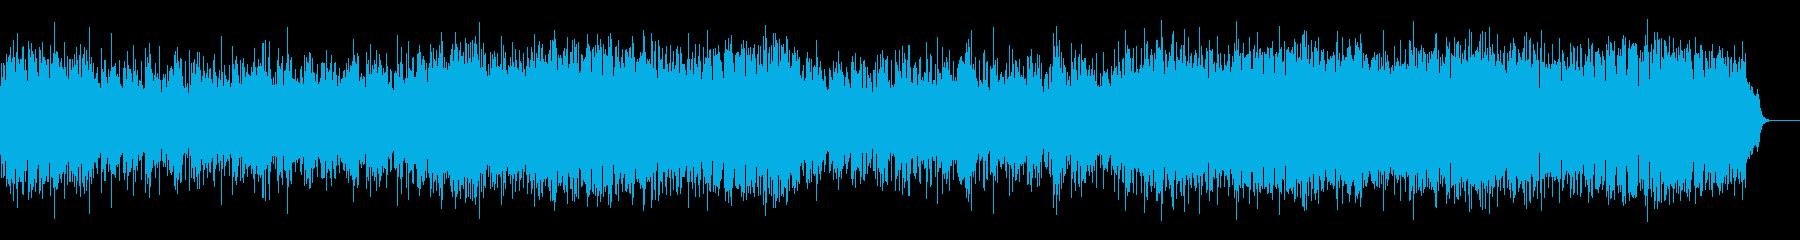 爽やかな8ビートポップス(フルサイズ)の再生済みの波形